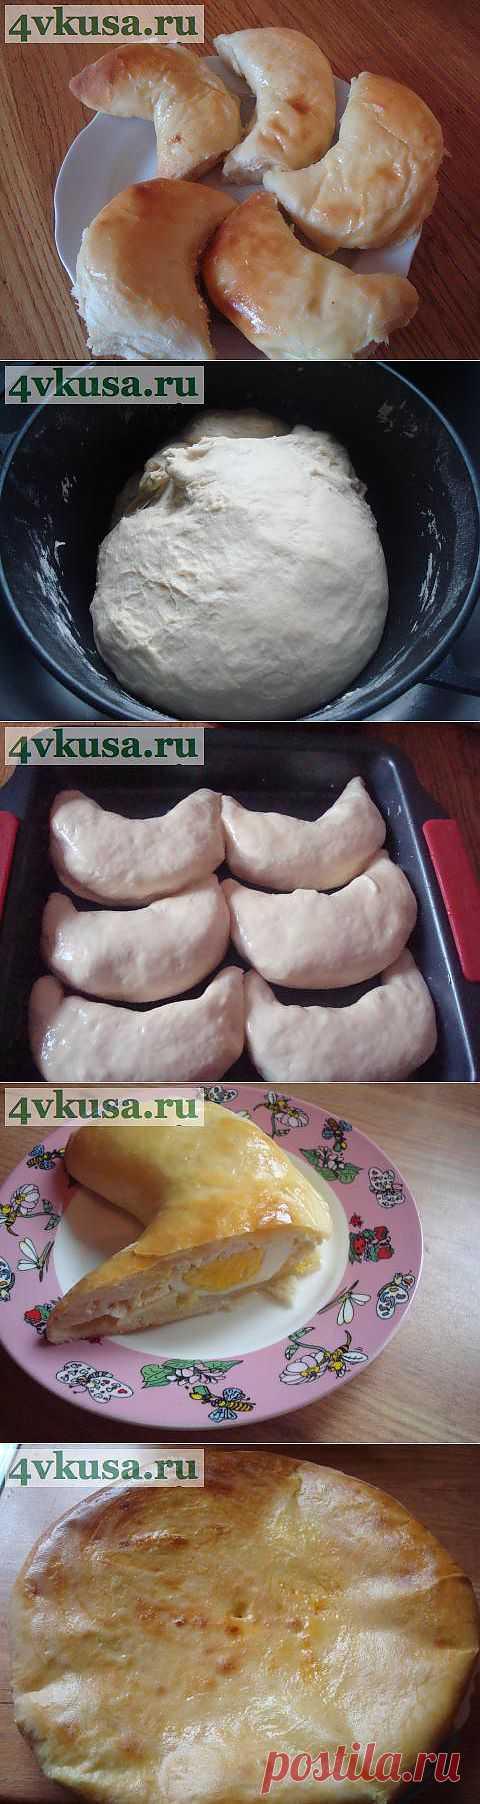 Гурийские пирожки (Гвезели) и хачапури | 4vkusa.ru